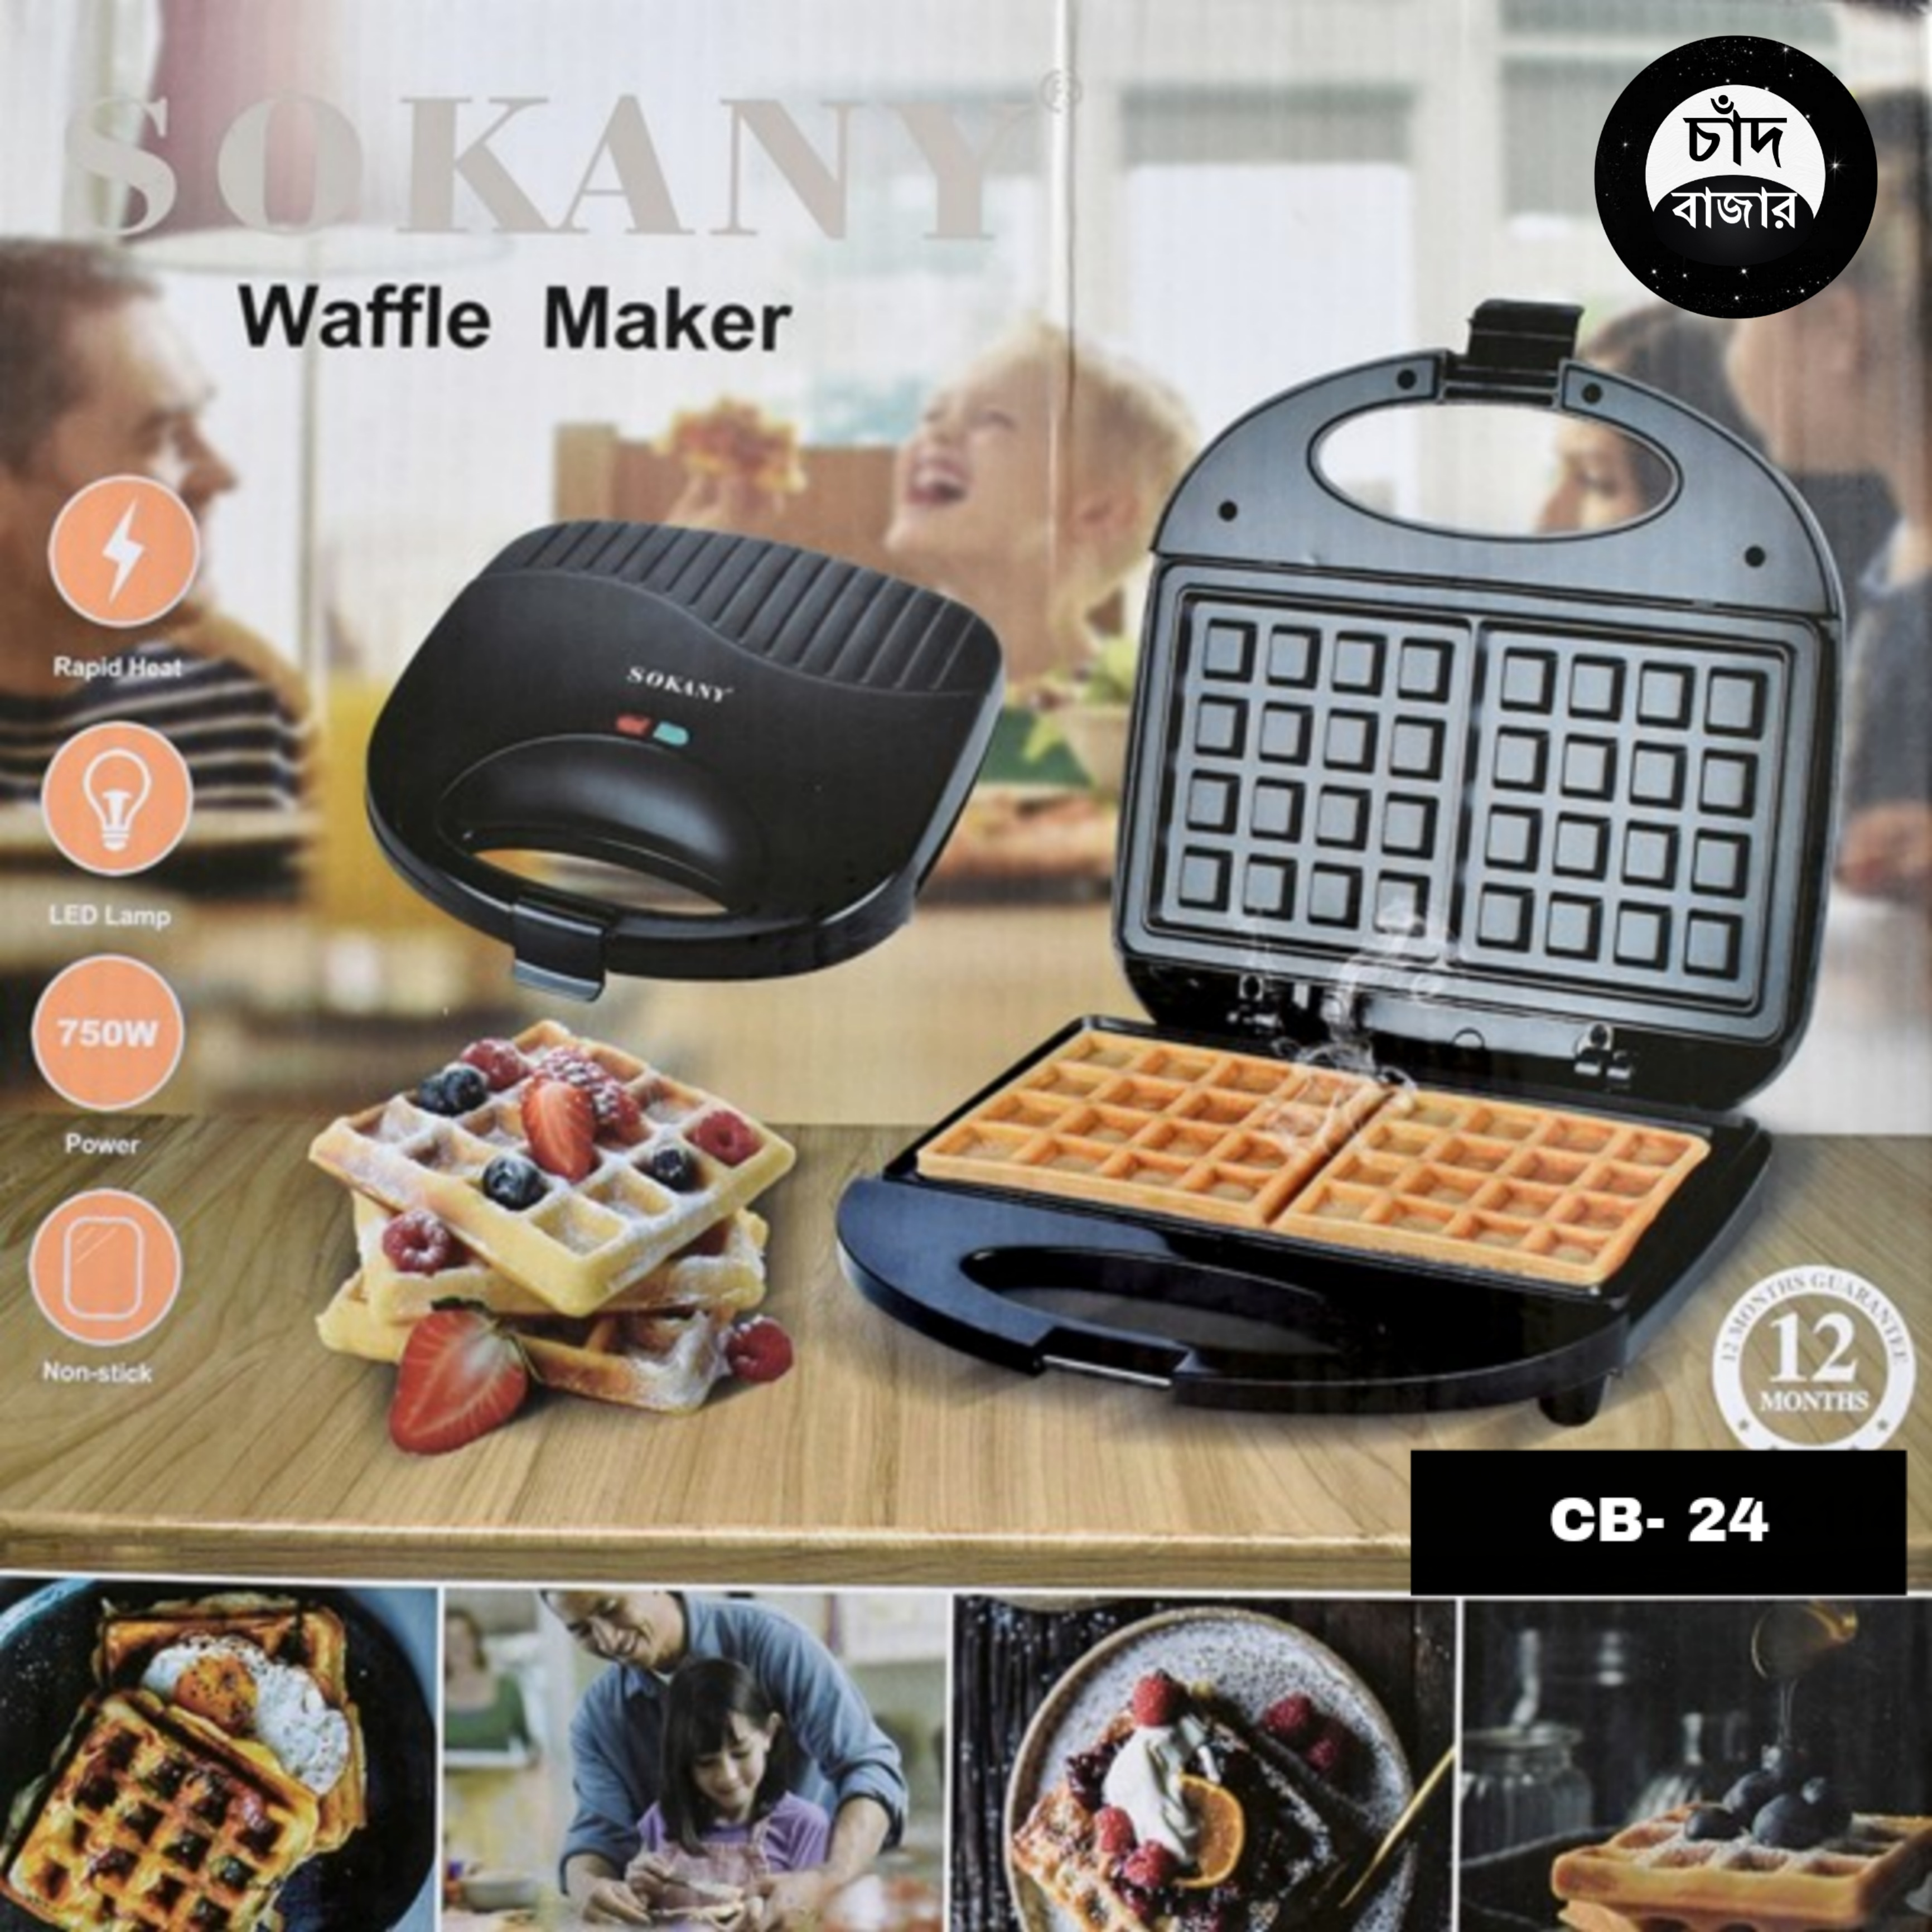 SOKANY 22x21x6cm Waffle Maker Pancake Maker Mini Waffle Iron Machine...